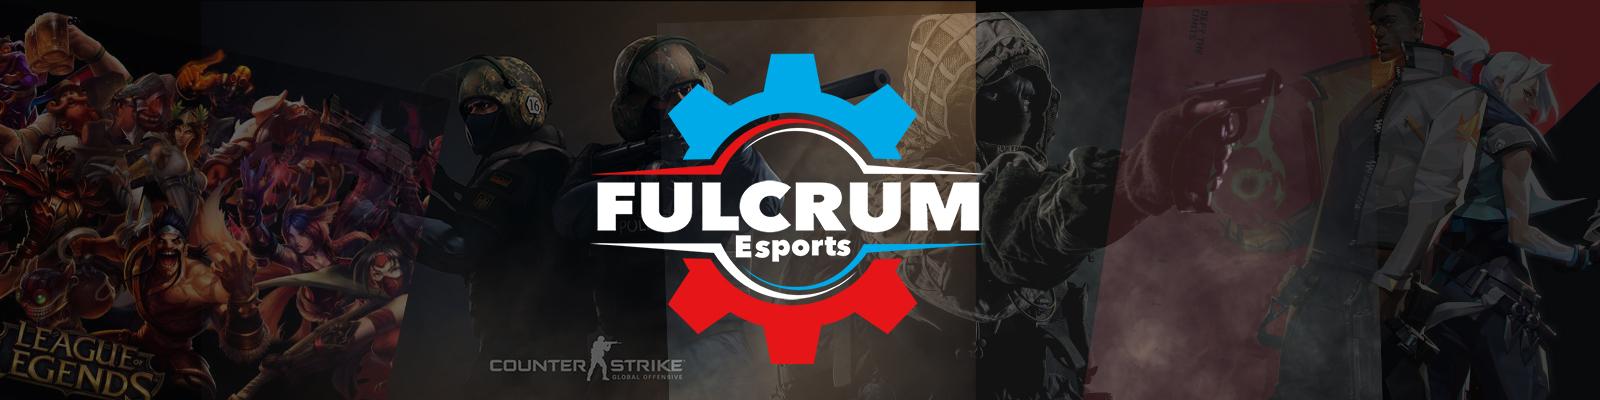 Fulcrum Esports